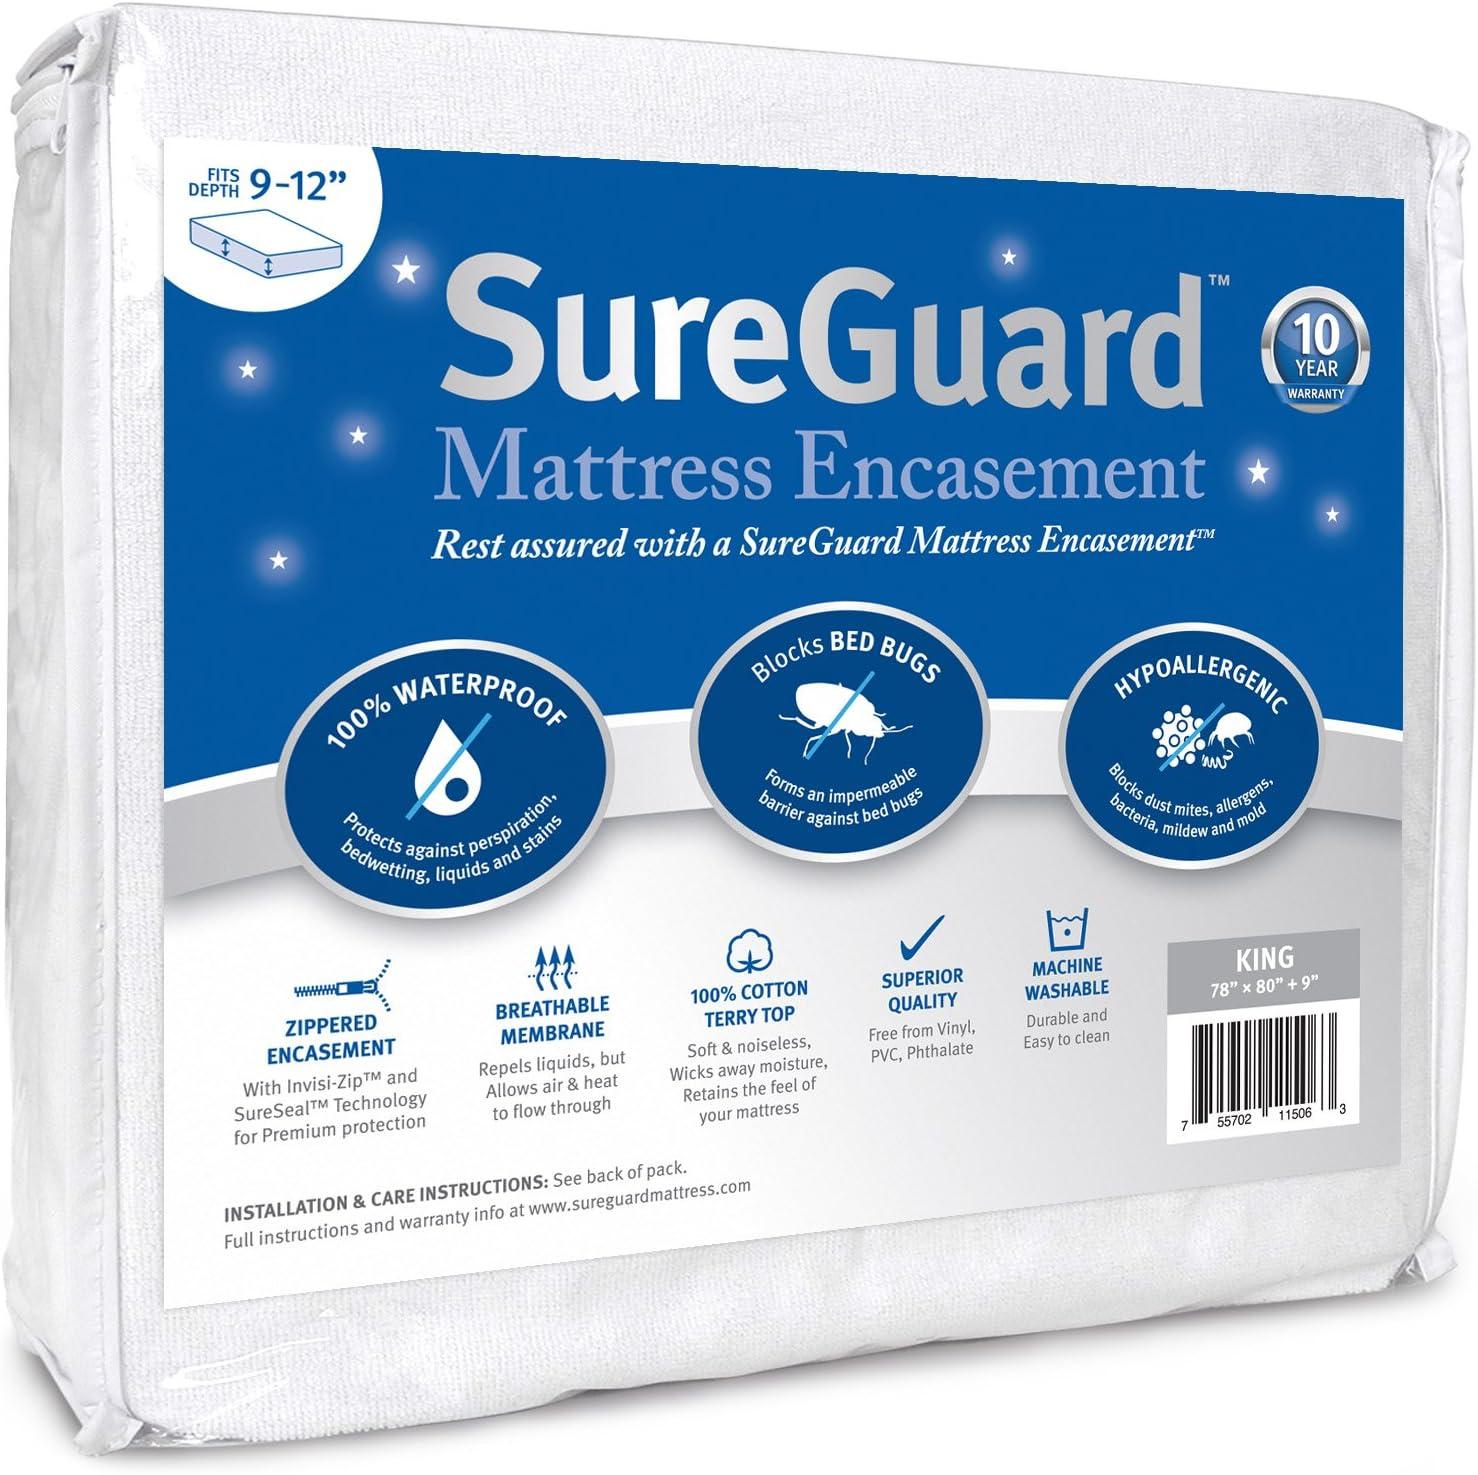 SureGuard Mattress Encasement